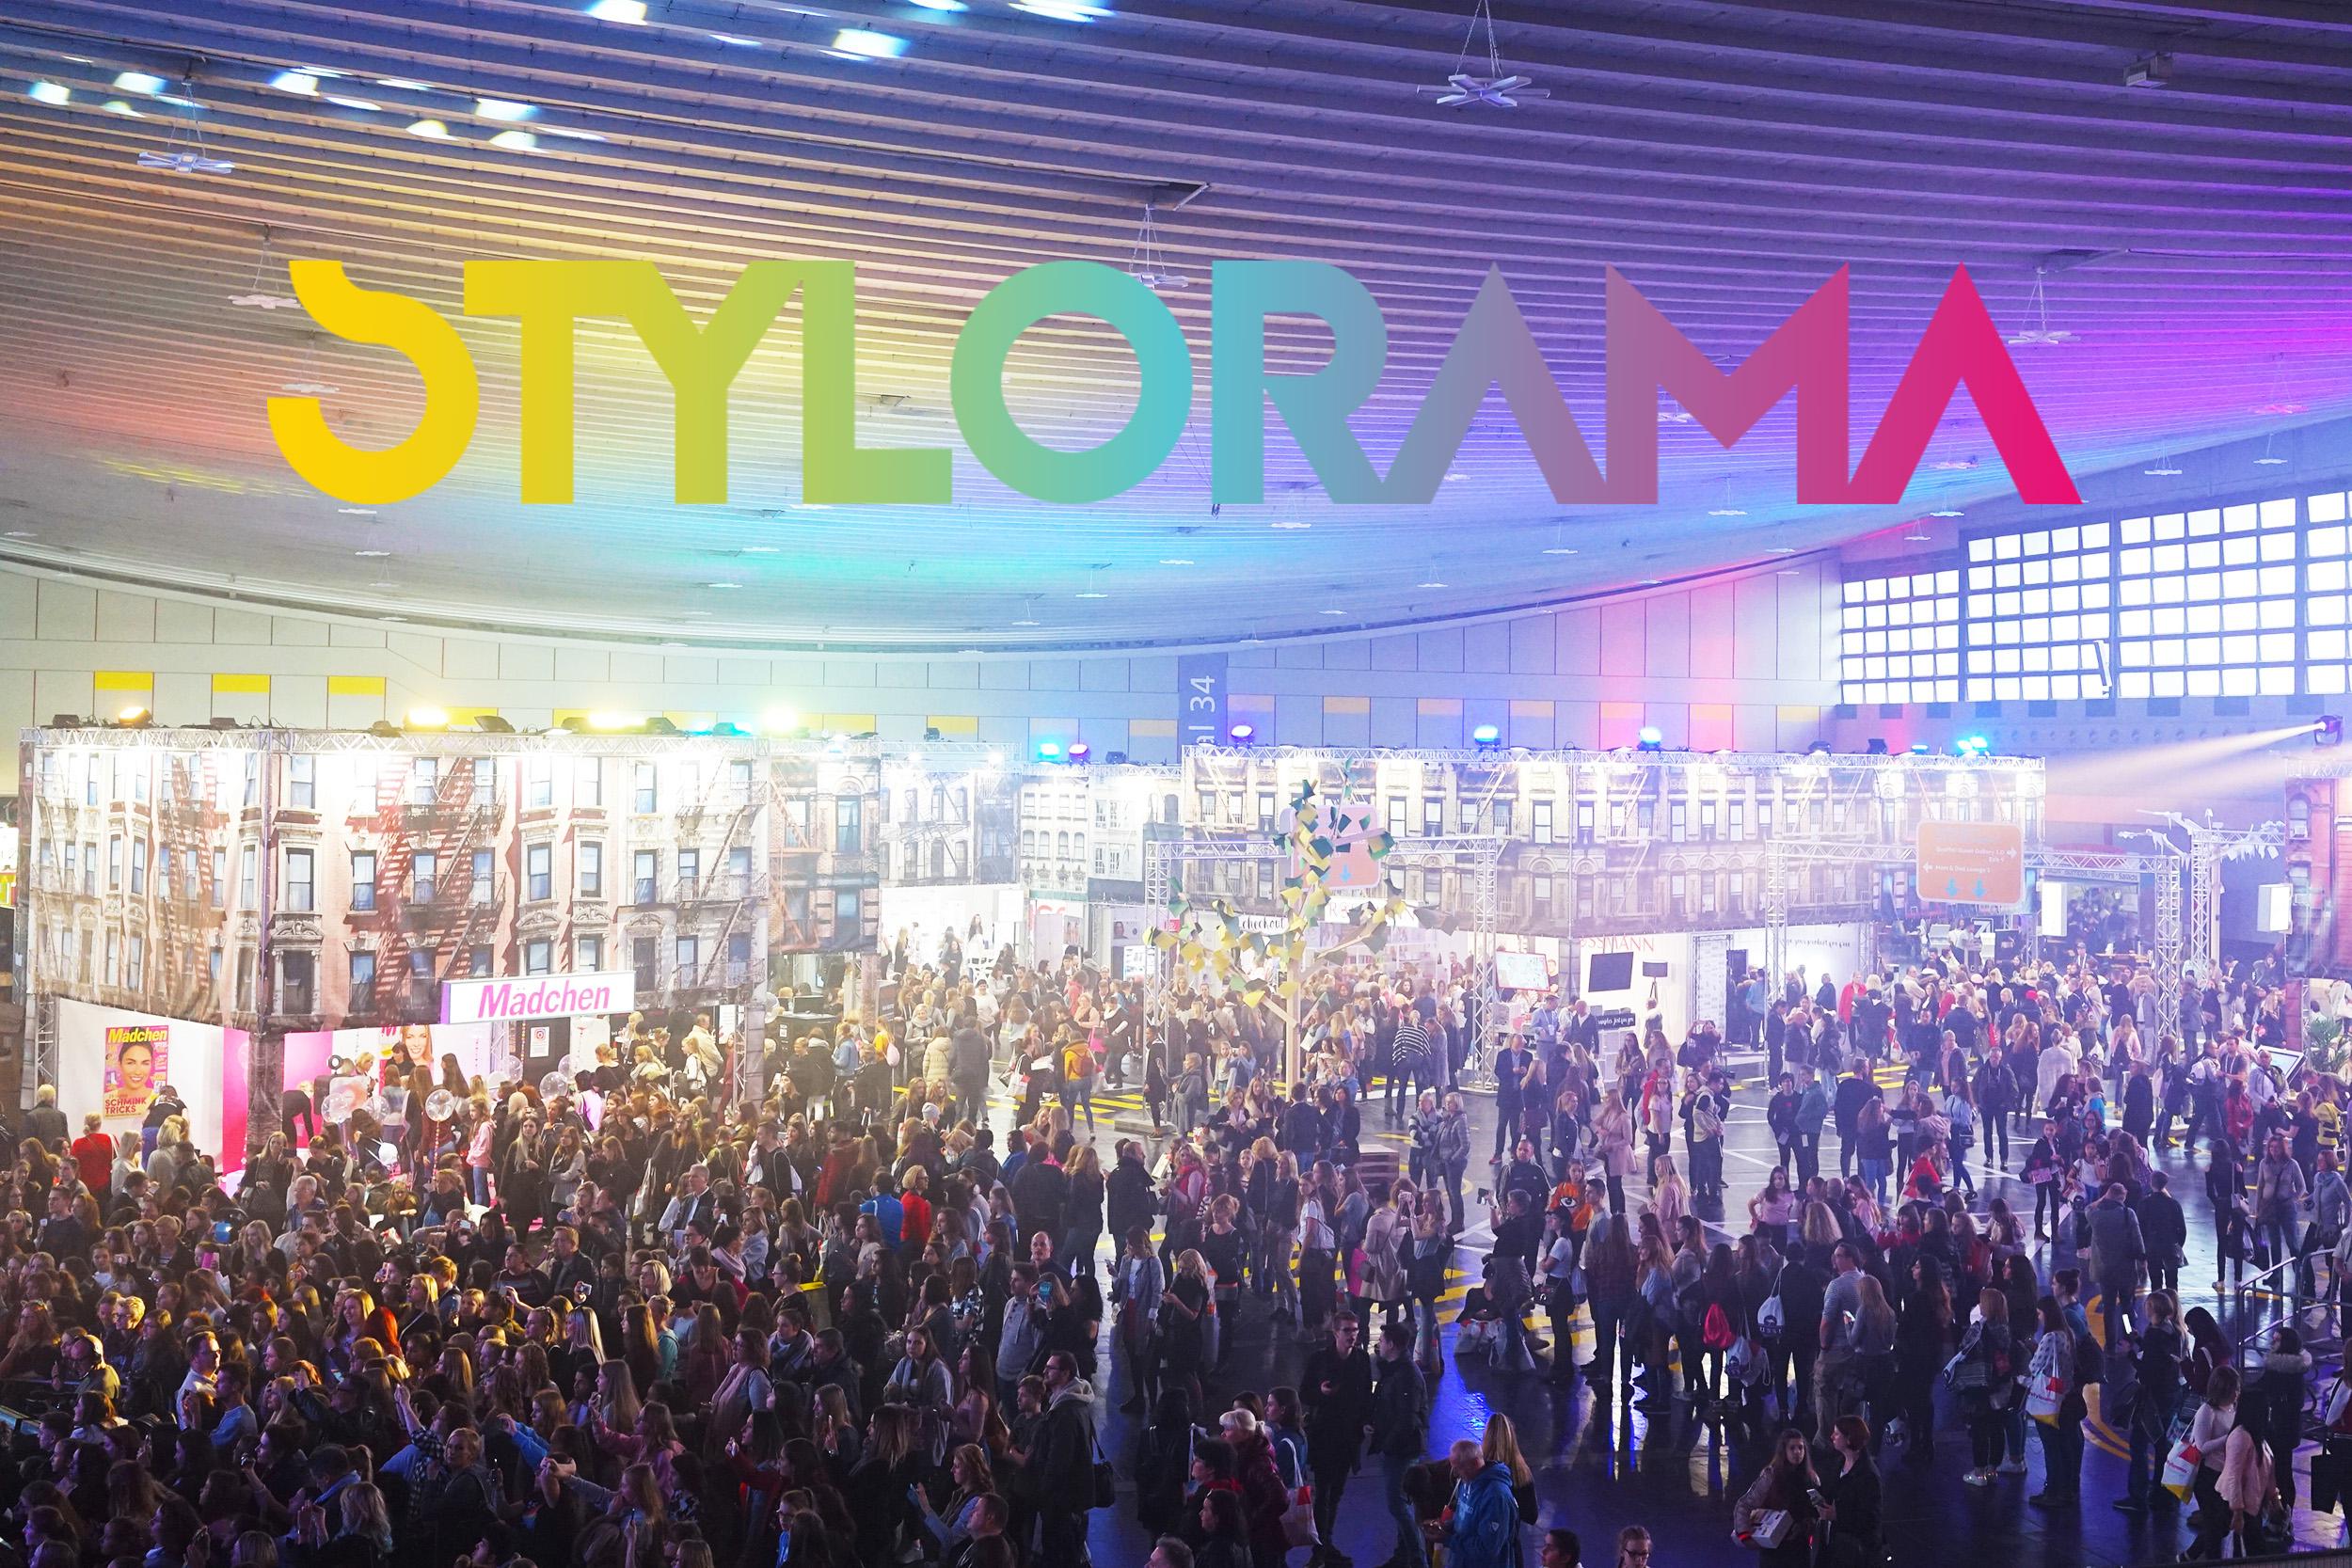 Stylorama in Dortmund: Über 60 Influencerstars treffen sich beim ersten Lifestyle-Event